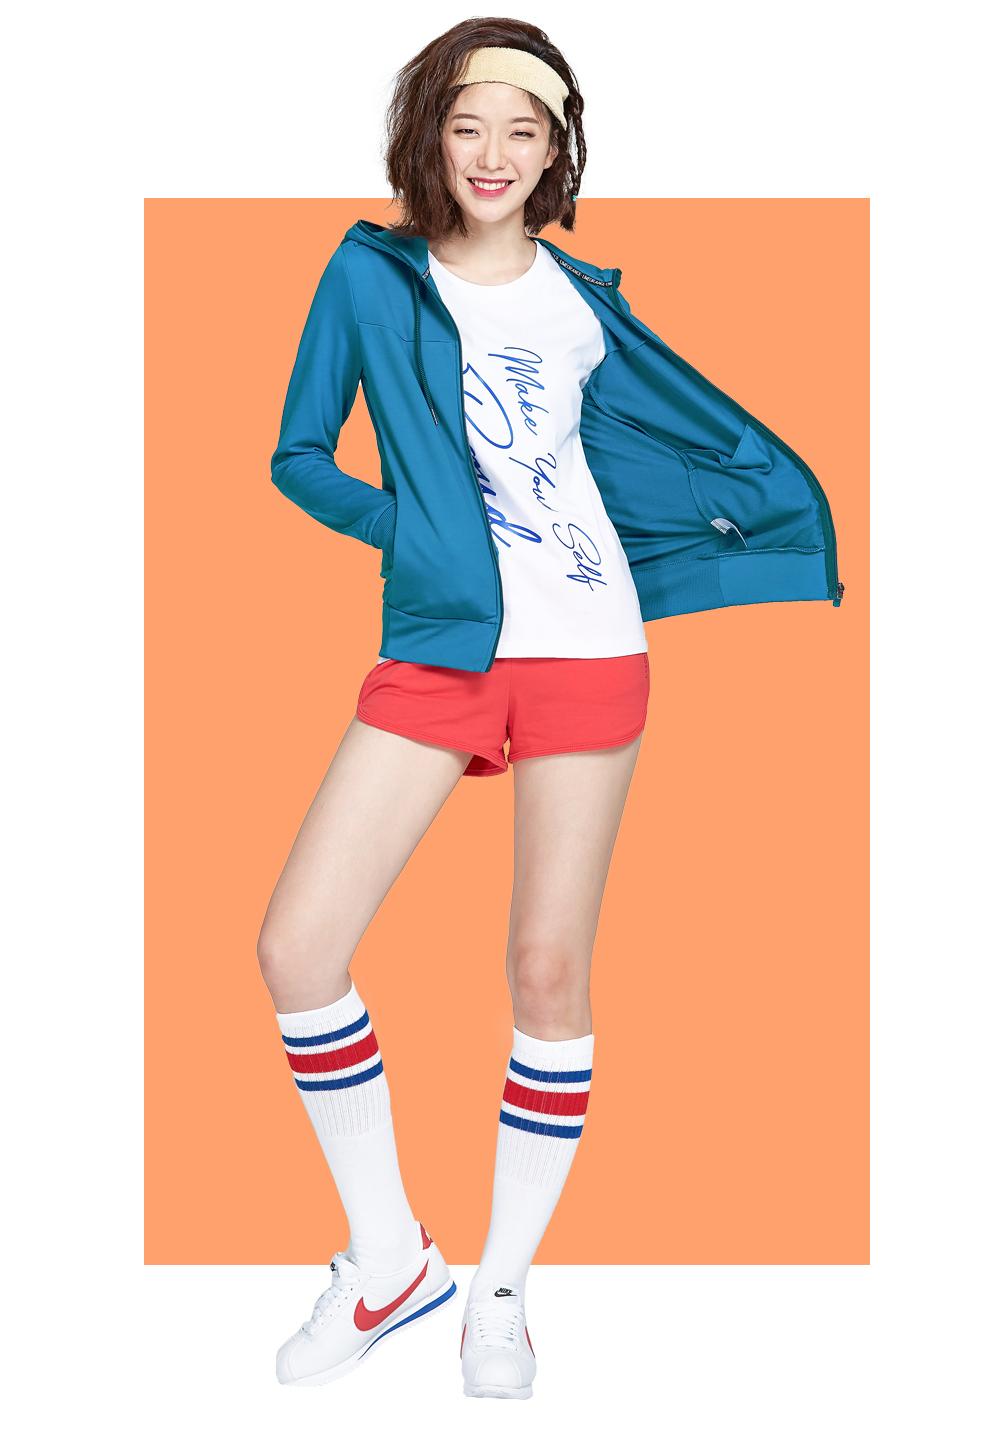 Top shop bán áo khoác nữ đẹp nhất TP.HCM